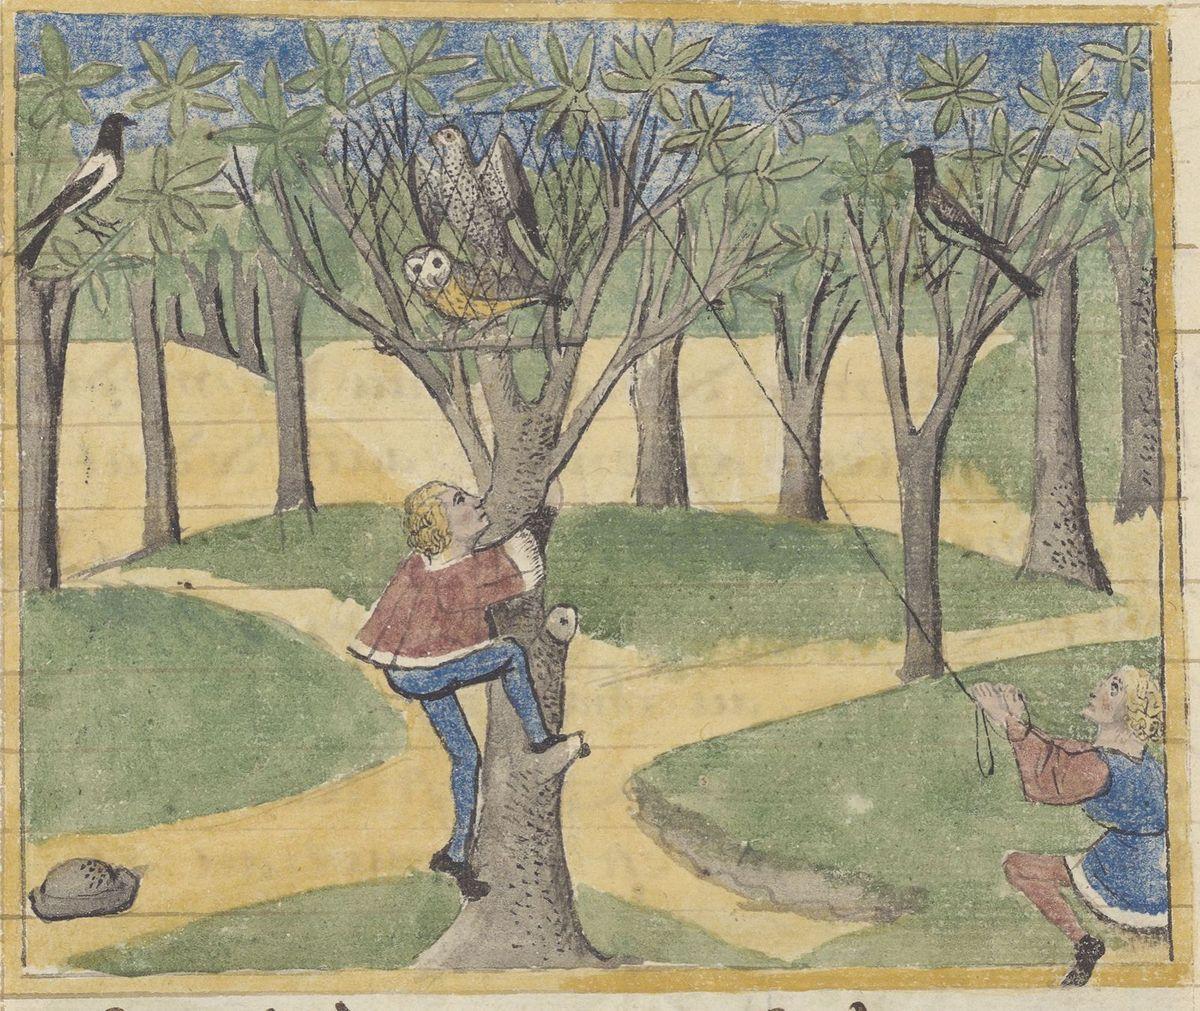 Capture d'un épervier avec une chouette mise en appât, Livre des déduits du Roy Modus et la royne ratio, Bibl. de l'Arsenal 3079 folio 210r, Gallica.